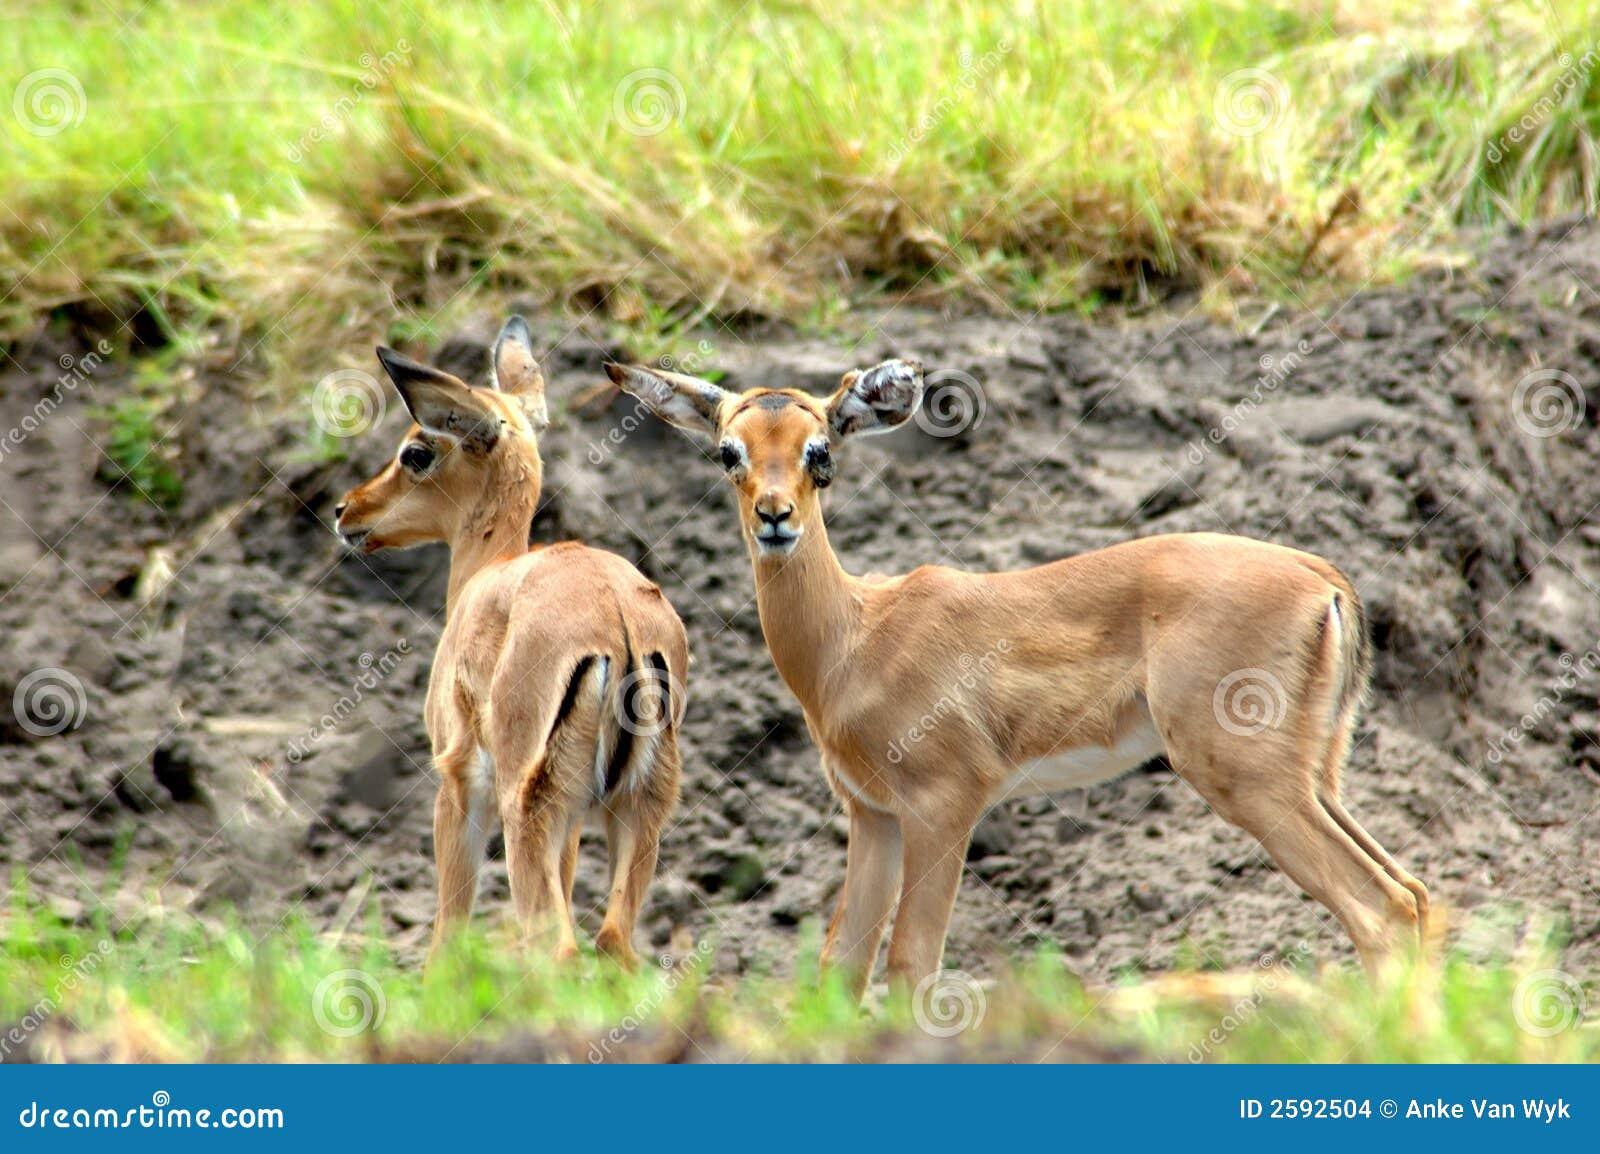 Afrikaanse antilopen